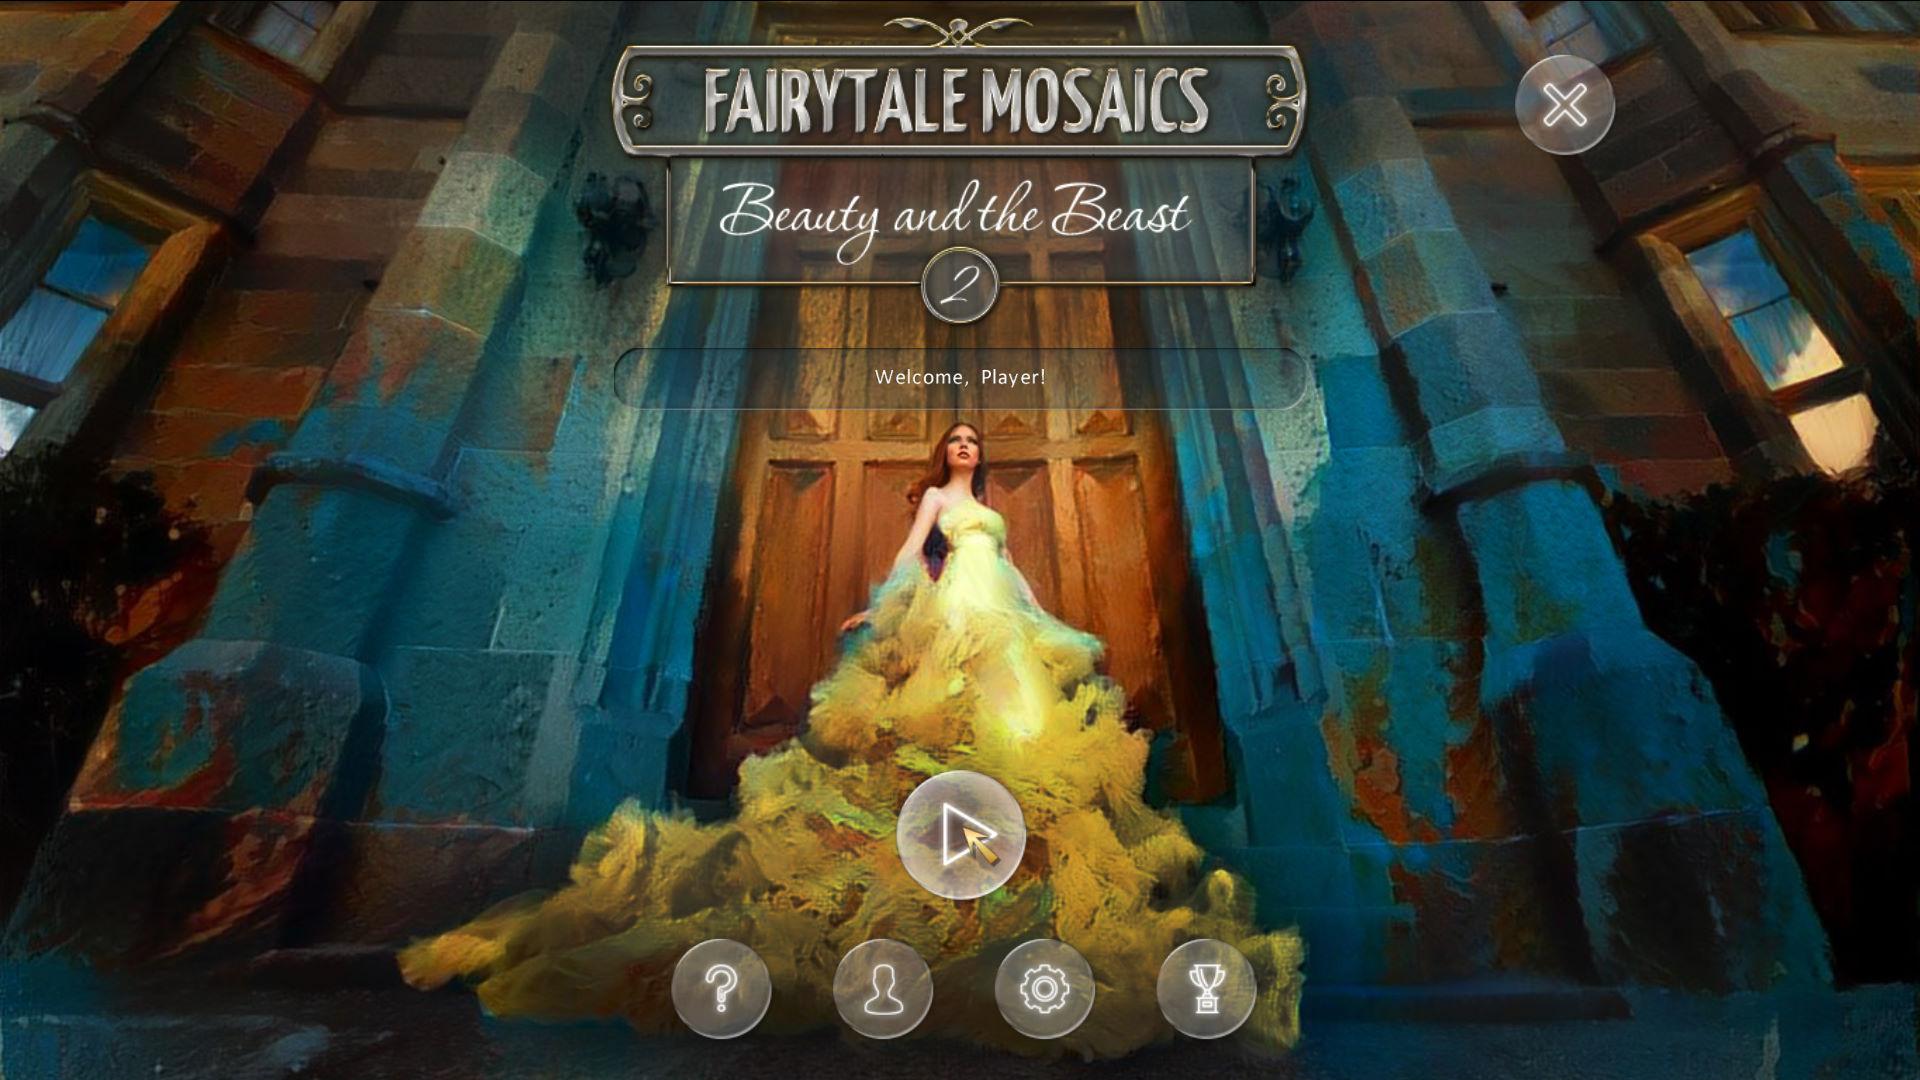 童话拼图:美丽与野兽2 游戏截图